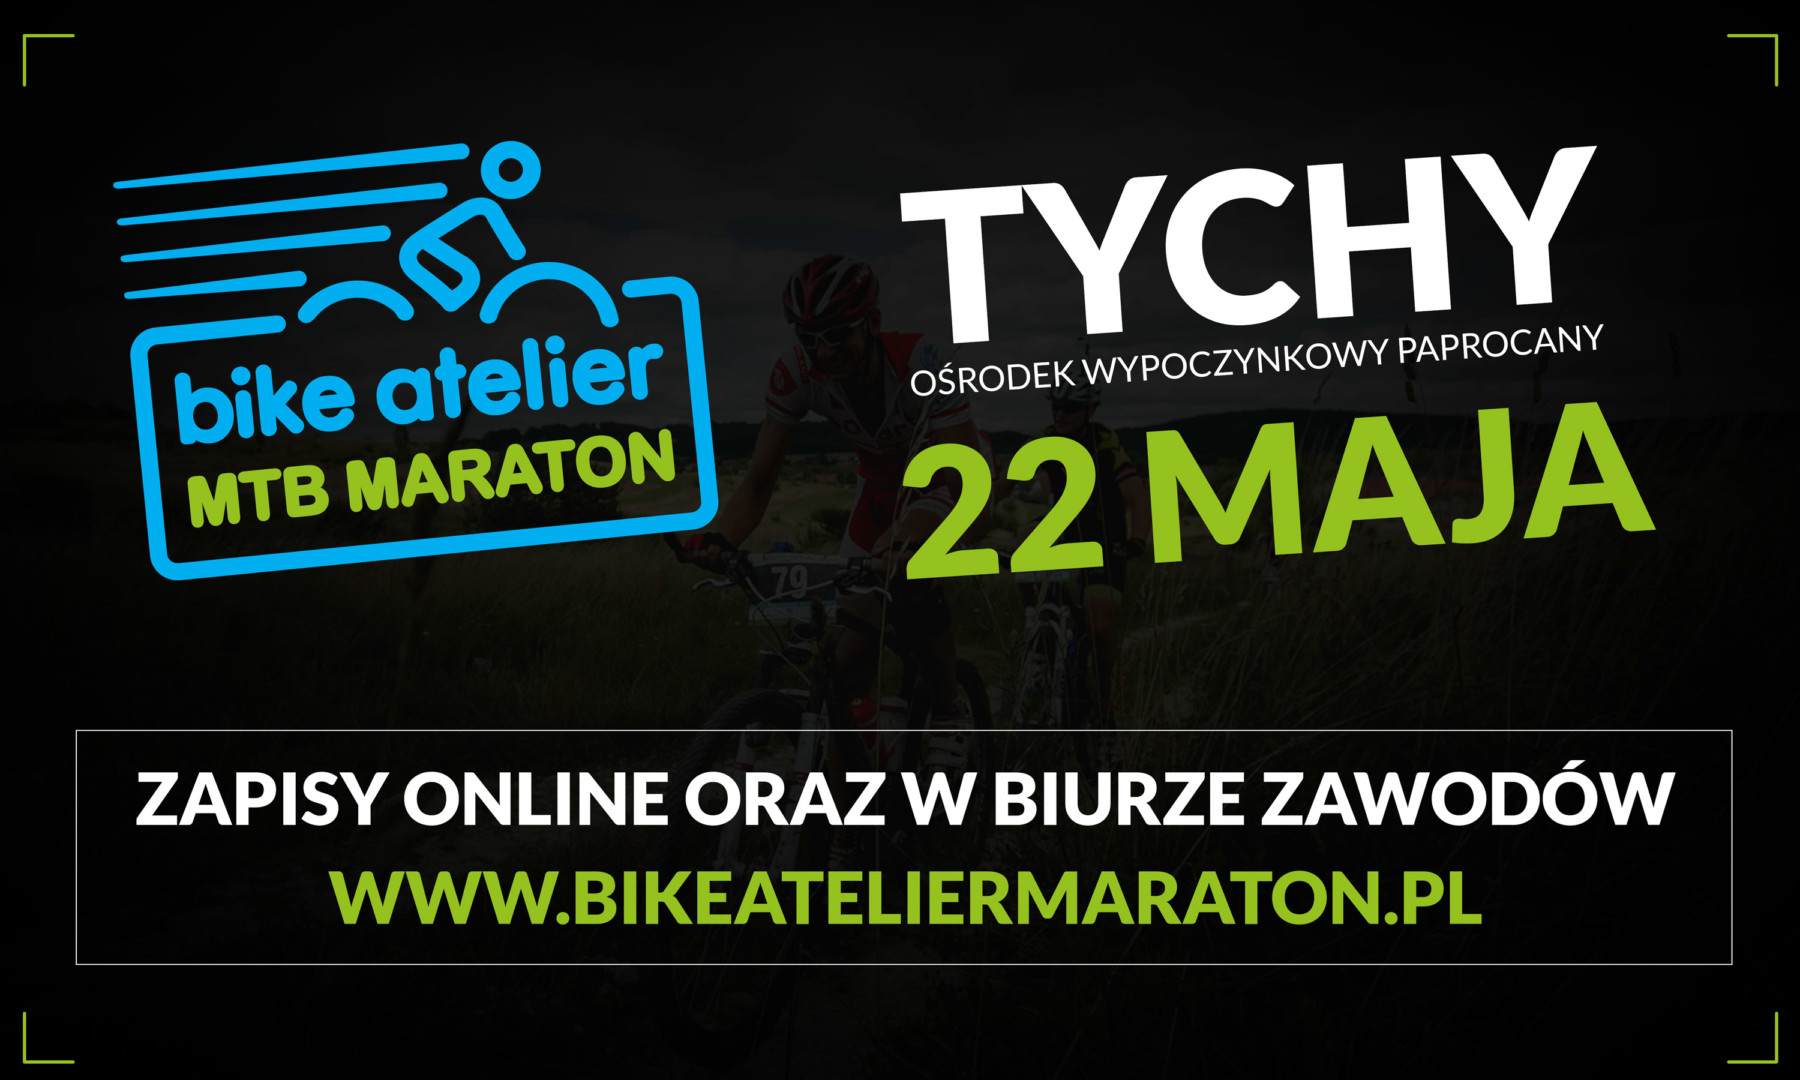 Bike Atelier Maraton w Tychach